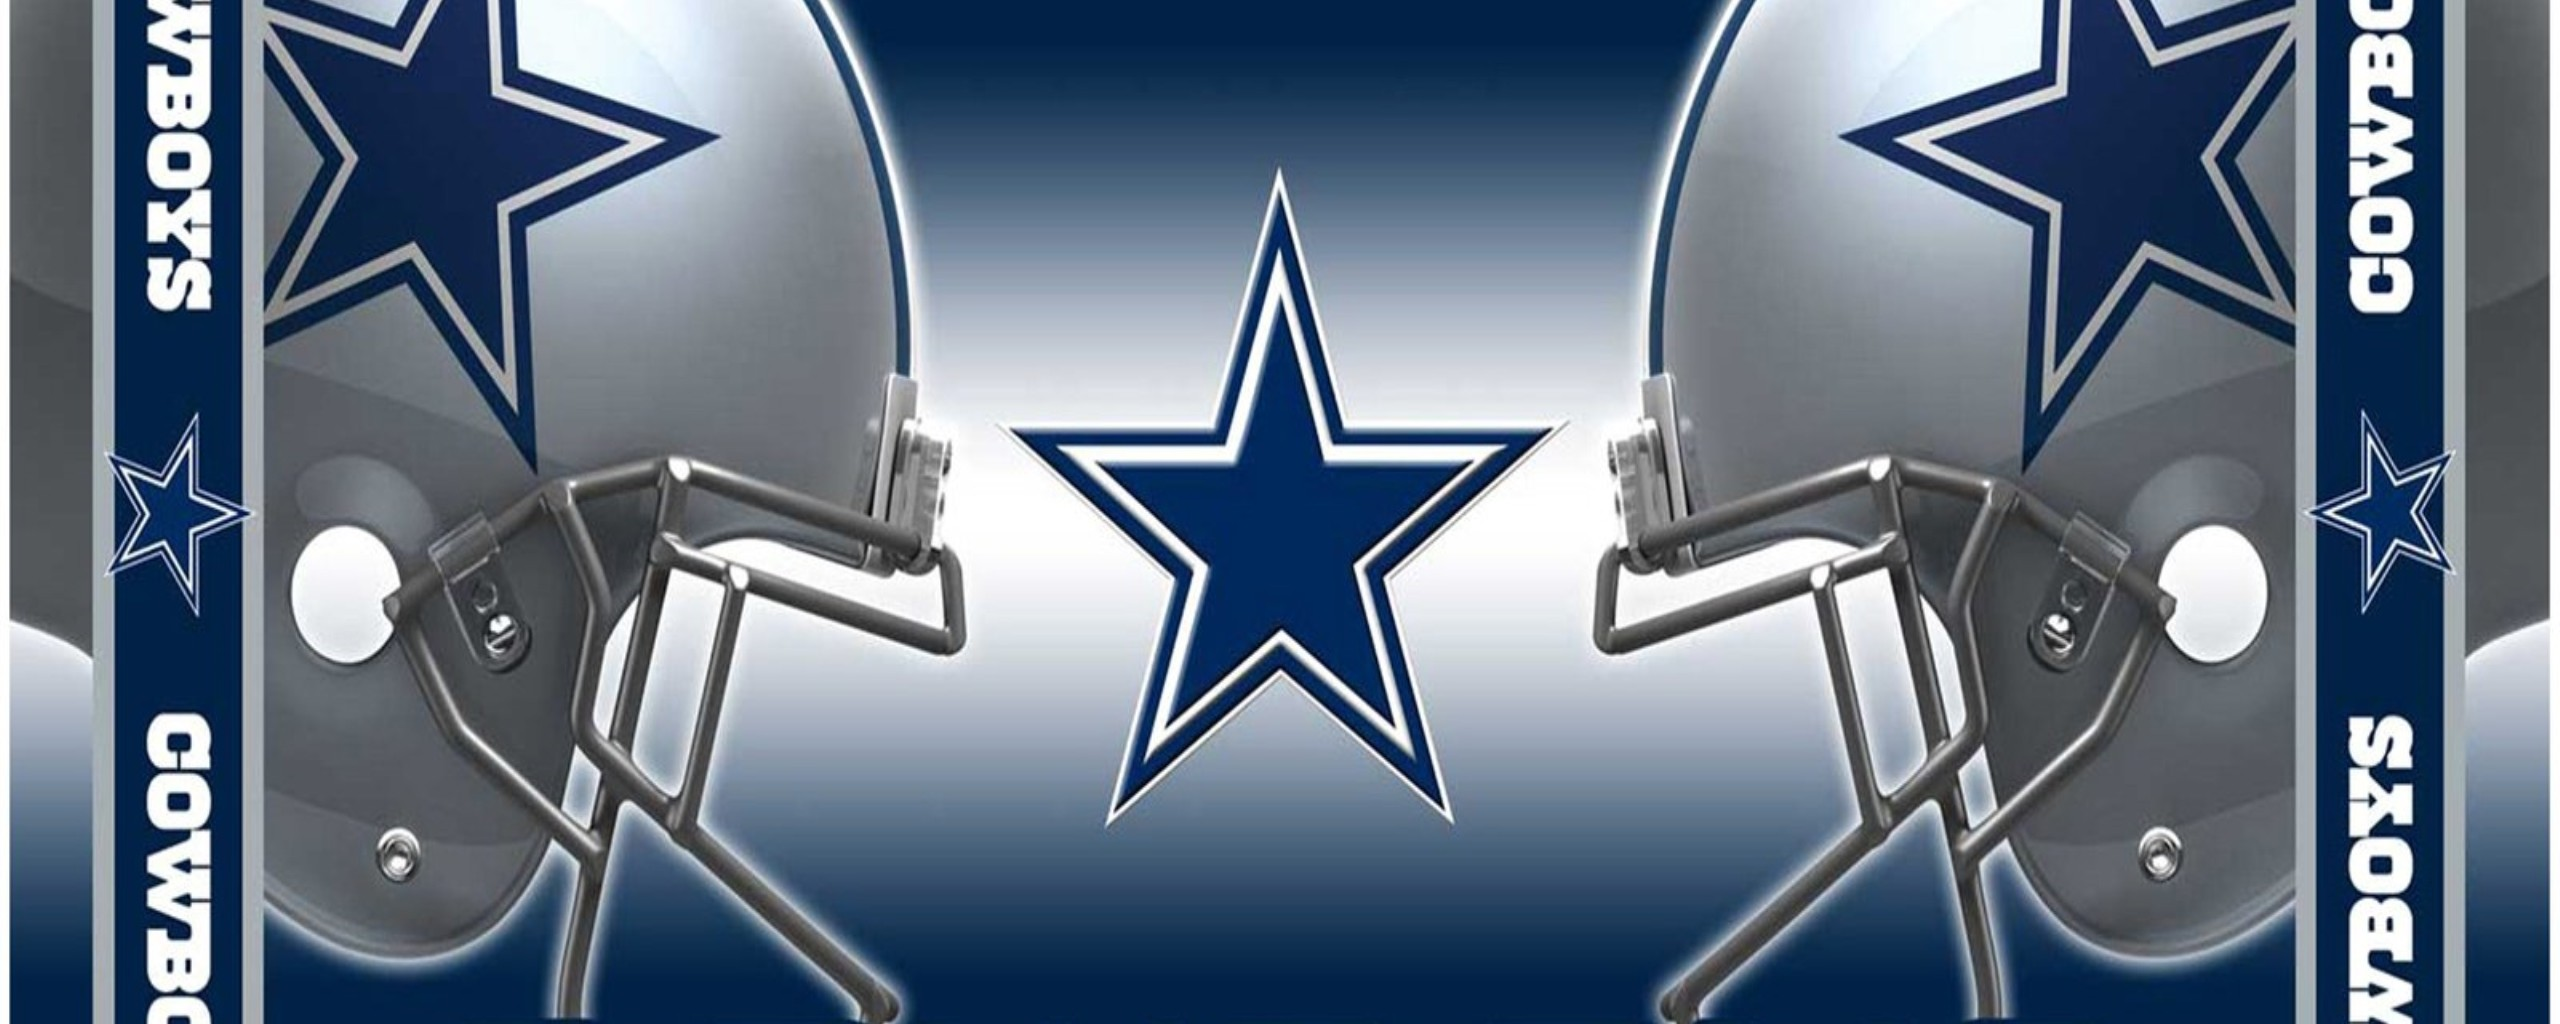 Dallas cowboys HDwallpaperUP 2560x1024